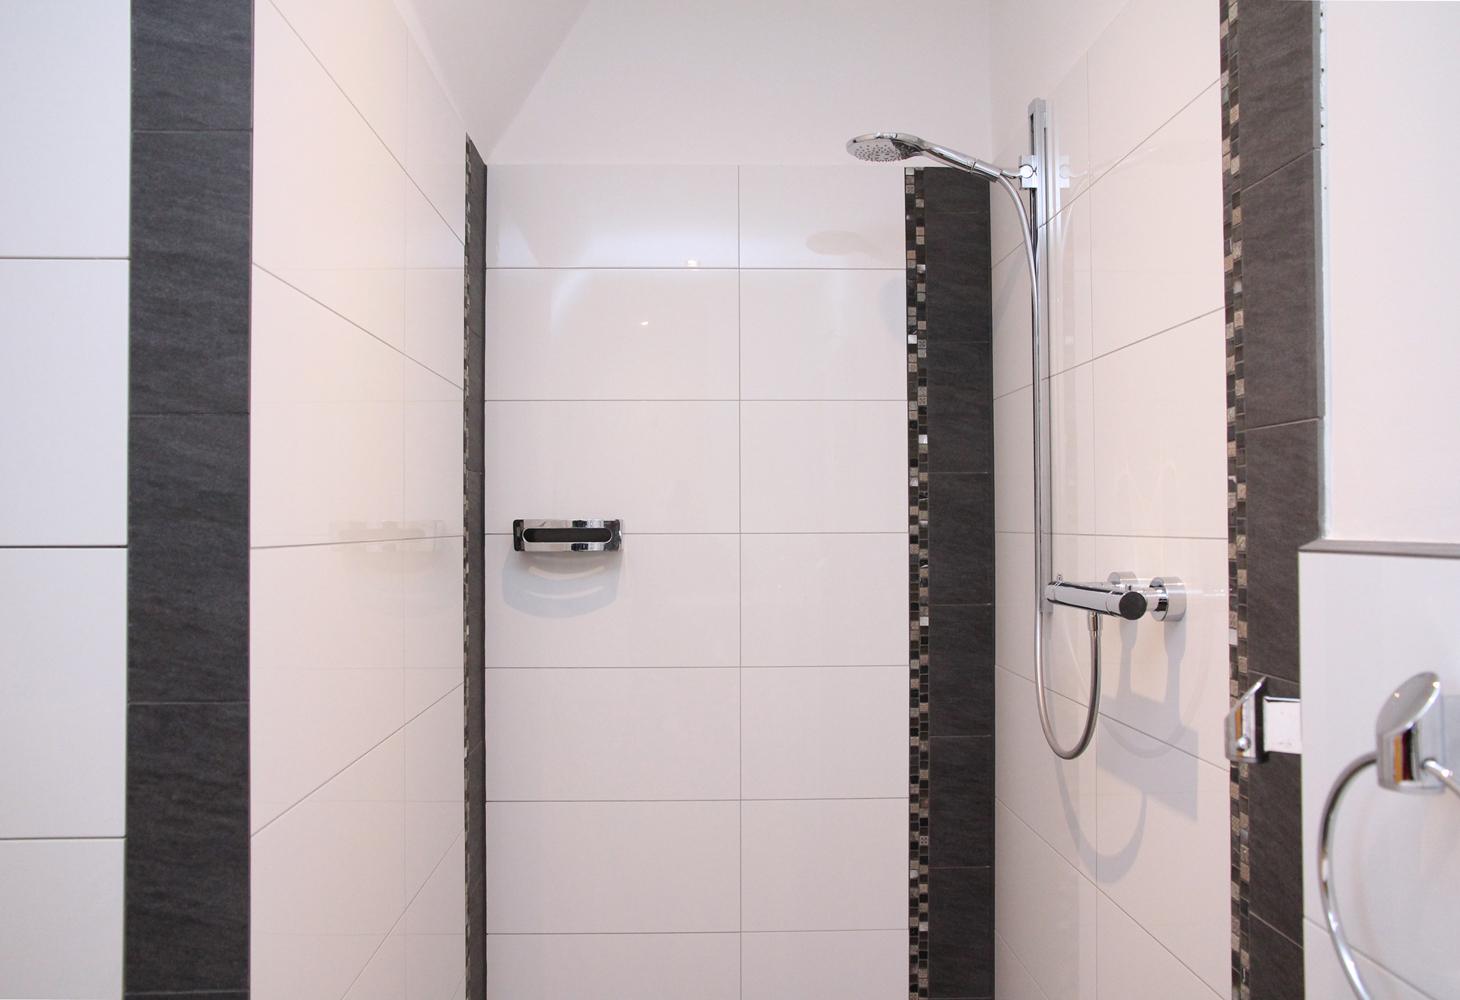 …lassen sich gut als Gestaltungselemente im Wandbereich nutzen.